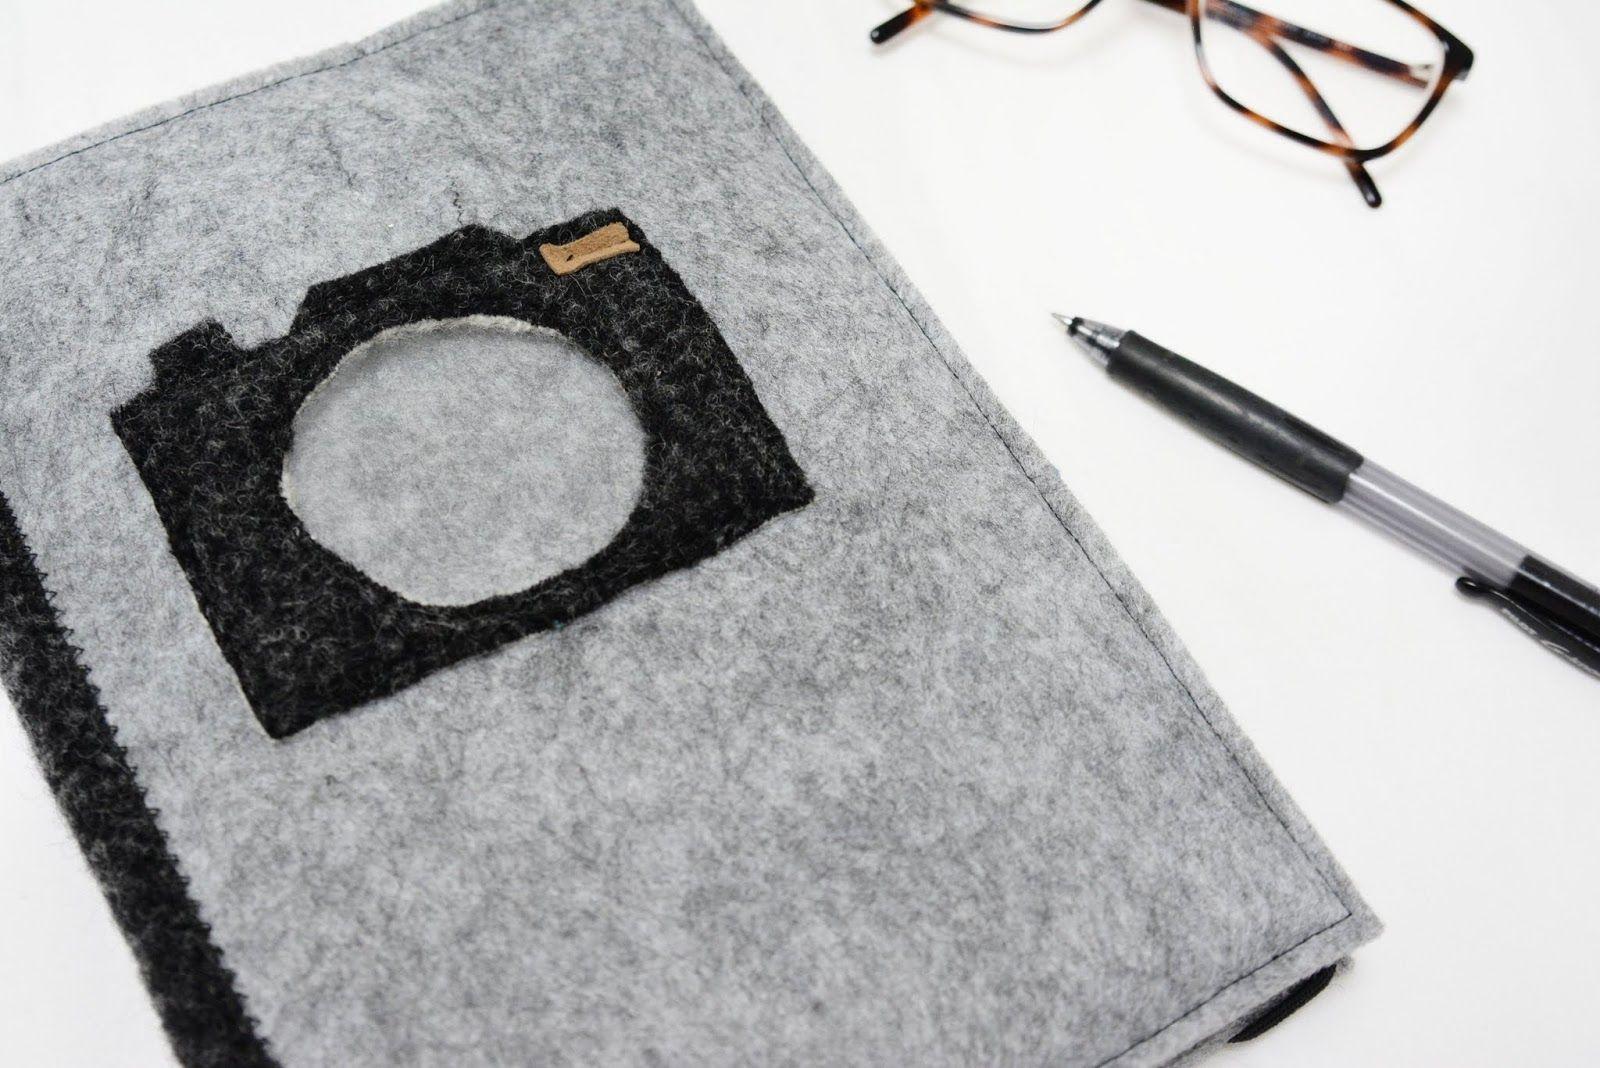 diy kalenderh lle diy buchh lle diy vatertagsgeschenk vatertag diy filz buchh lle aus filz. Black Bedroom Furniture Sets. Home Design Ideas